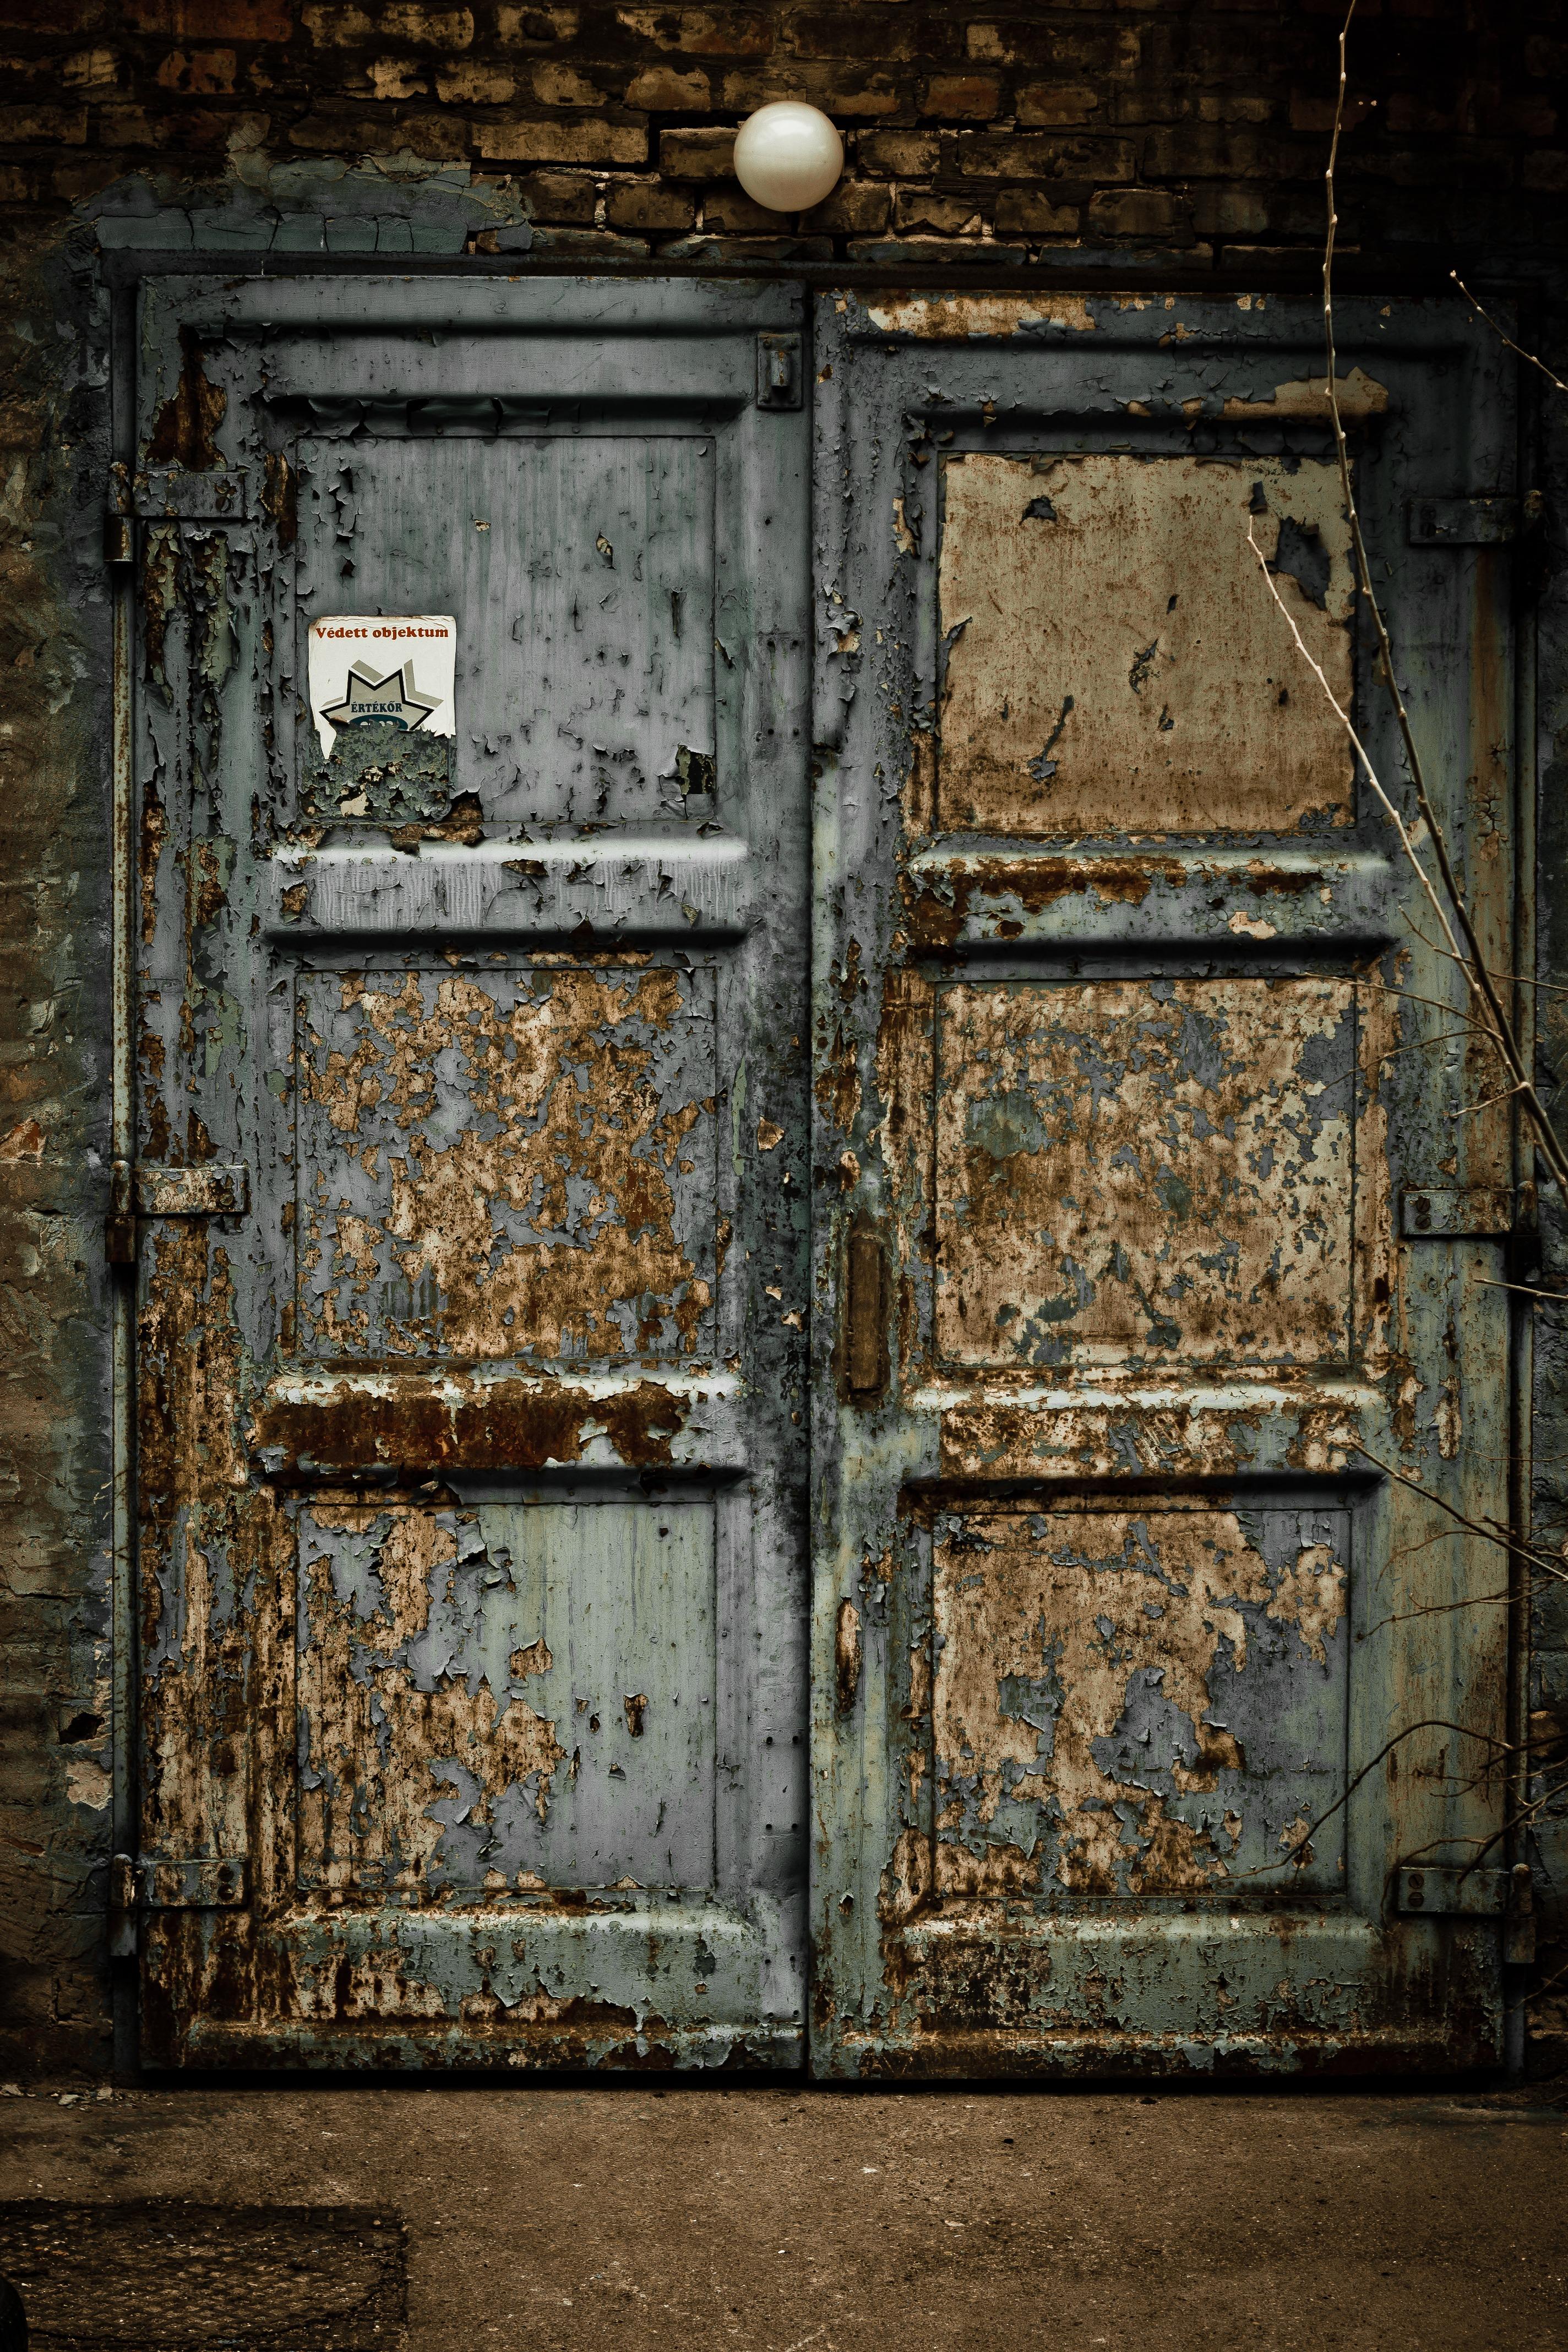 заброшенный дом и открытая дверь фото такое счастье каждое